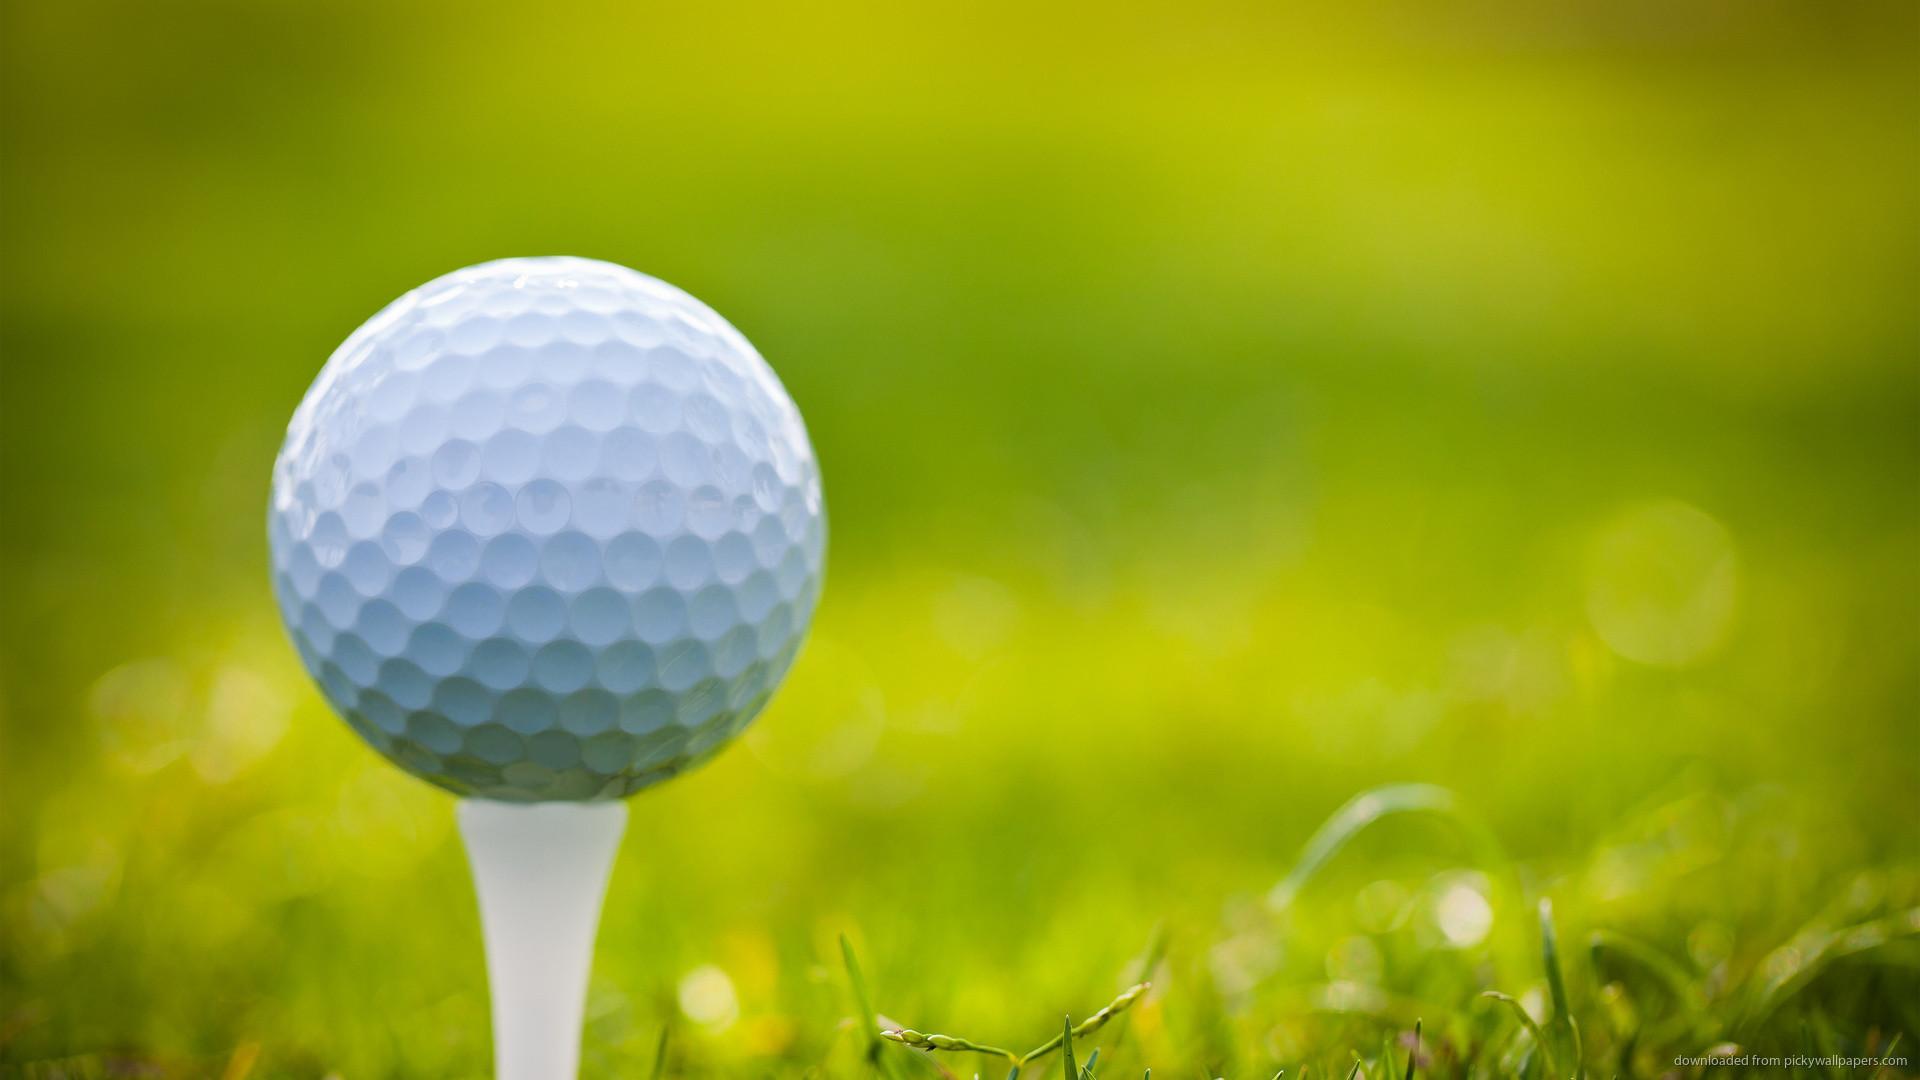 Golf Ball On Tee Desktop Wallpaper picture